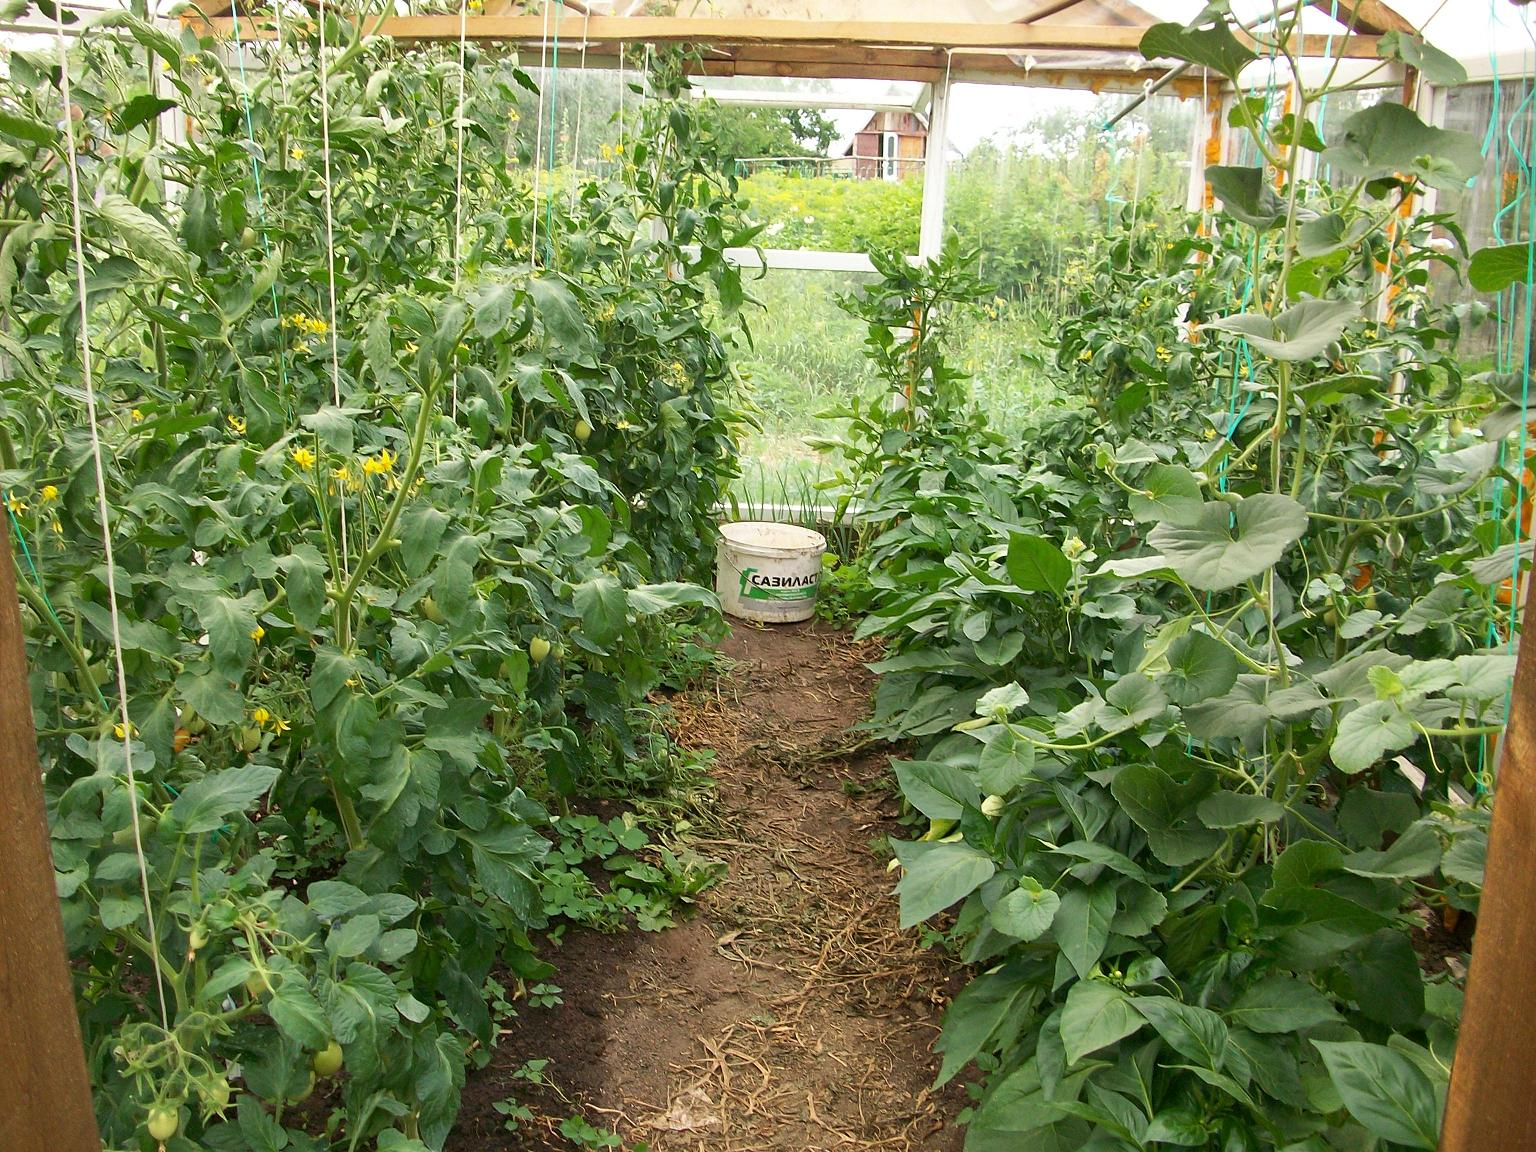 Огурцы : что можно посадить в одной теплице вместе с овощем 9